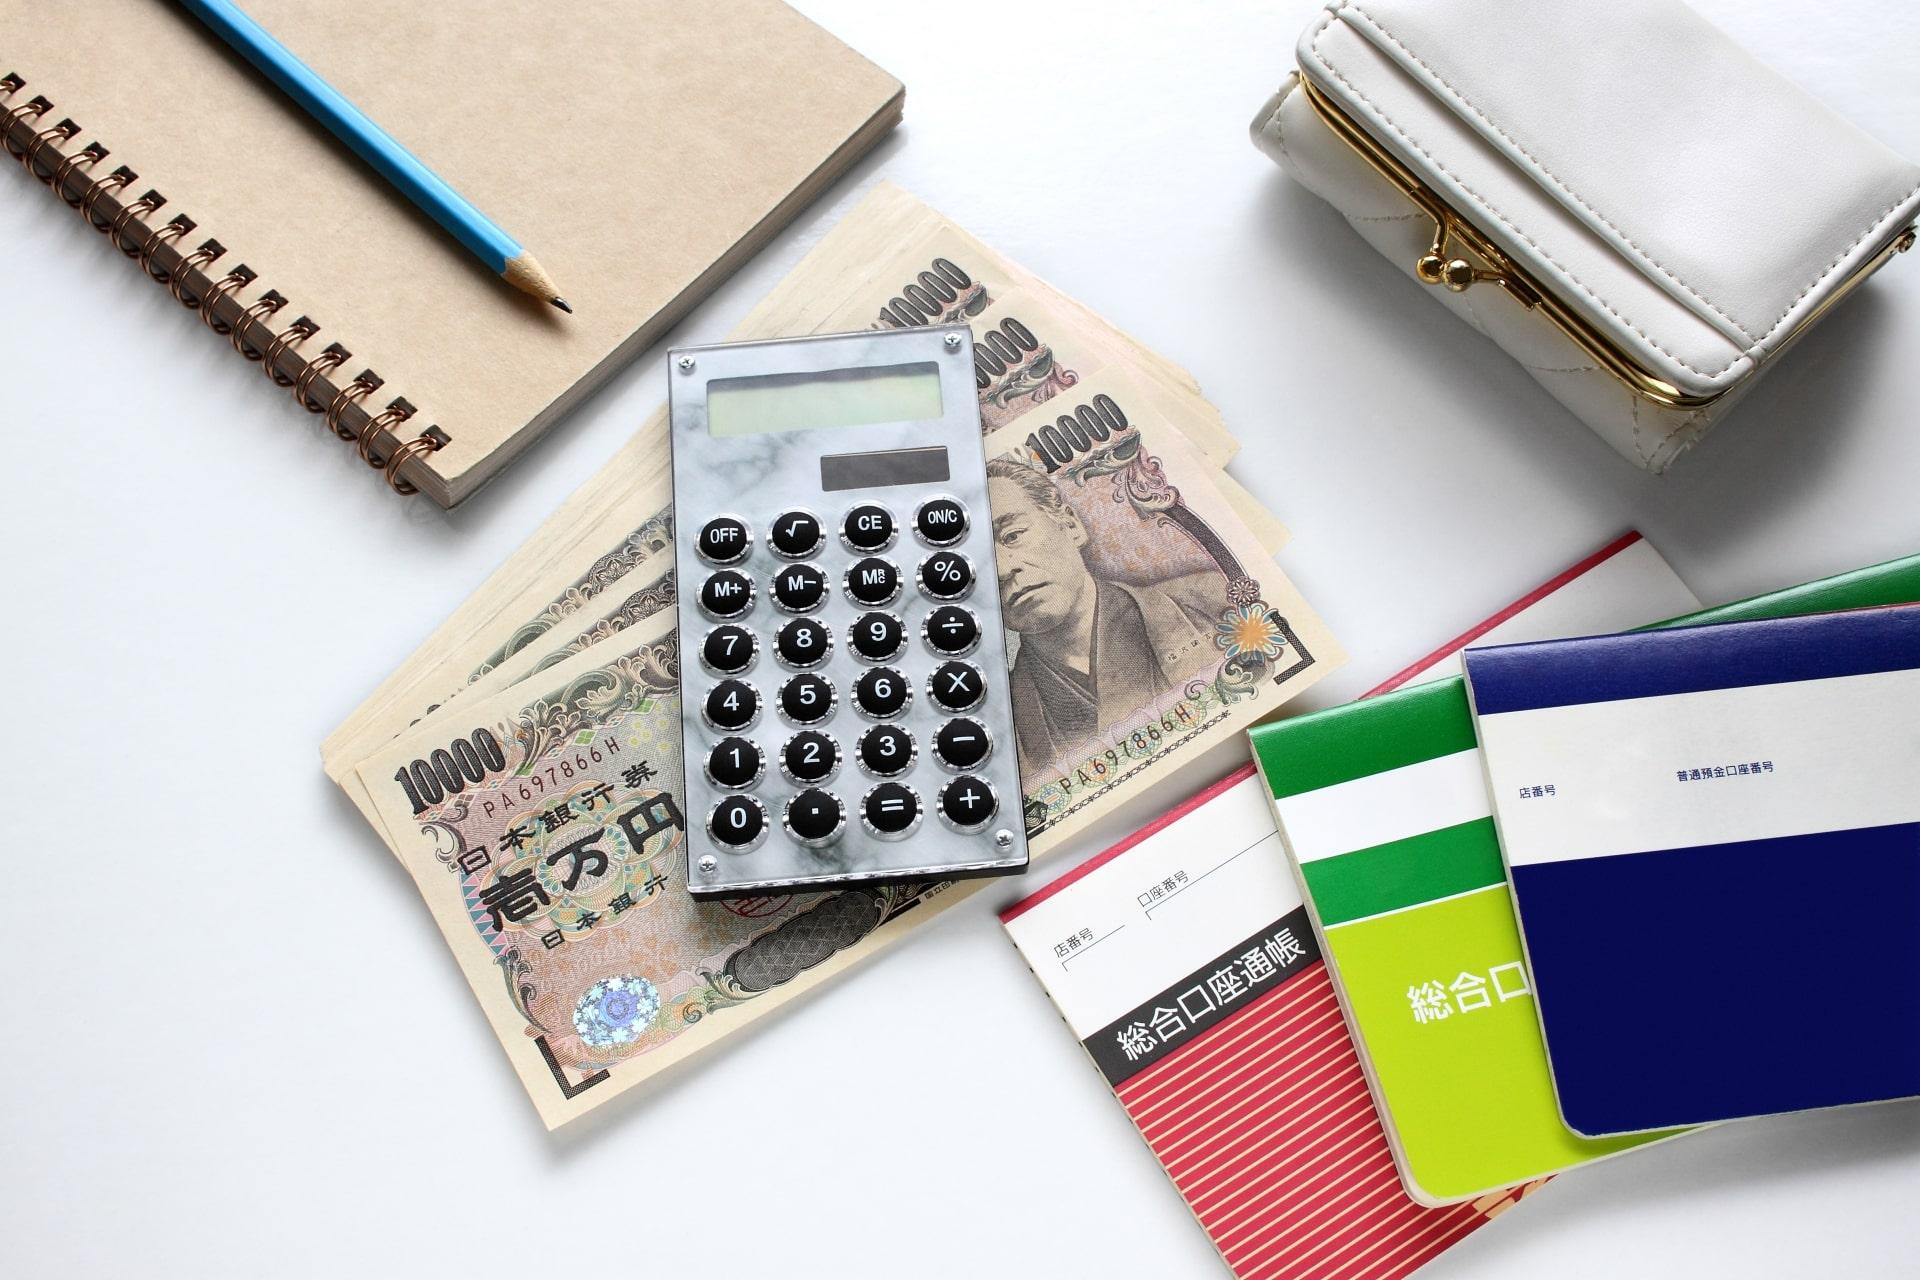 個人事業主と法人は資金調達の難易度が異なります。事業を拡大するために法人化を考えているなら、それぞれの資金調達における特徴やリスクについて、理解を深めておきましょう。資金調達における個人事業主と法人の違いや、おすすめの方法を紹介します。 資金調達の手段は3種類 事業資金の調達方法は、『アセットファイナンス』『デットファイナンス』『エクイティファイナンス』の3種類に大別できます。それぞれの意味や具体的な手段を解説します。 アセットファイナンス 保有する資産を売却して資金を調達する方法が、アセットファイナンスです。有形・無形を問わず、さまざまな資産が売却の対象となります。 最もスタンダードな方法が、既に保有している資産を売却する方法です。不動産・機械設備・自動車といった有形資産や、有価証券・商標権・特許権などの無形資産も売却できます。 売掛金が支払われる前に売掛債権を売却する『ファクタリング』も、すぐに資金を調達する手段として有効です。一般的には、ファクタリング専門業者を介して行います。 売却する資産に信用力さえ備わっていれば、低コストで資金調達できる点がメリットです。不要な資産を整理できるため、財務体質の改善も期待できます。 デットファイナンス デットファイナンスとは、負債を抱えることで資金調達する手法を指します。一般的なデットファイナンスは、公的機関や民間金融機関からお金を借りる『融資』です。 銀行から融資を受けられない企業の場合は、ビジネスローンを利用できる可能性があります。所有する法人カードにキャッシング機能が付いていれば、キャッシングでも資金の調達が可能です。 調達先が豊富であることや、返済利息に節税効果があることなどのメリットがあります。ただし、将来的なキャッシュフローが減少したり、資金力のなさから信用を落としたりする点には注意が必要です。 エクイティファイナンス 企業が新株を発行し、出資を受けて資本を増やす方法がエクイティファイナンスです。代表的な手法としては、特定の第三者に新株を発行して増資する『第三者割当増資』があります。 ベンチャー企業に出資して将来的な回収を狙う『ベンチャーキャピタル』や、『株式投資型クラウドファンディング』などを利用して資金を調達するのも、高い効果を期待できる手法です。 エクイティファイナンスで調達した資金には、基本的に返済義務が発生しません。増資により財務基盤が安定するのもメリットです。 一方、株主が増えることで、企業の経営に関与される可能性は高くなるでしょう。株主に対し、利益に応じた配当金を支払う義務も発生します。 法人と個人事業主で資金調達の違いはある? 個人事業主に比べ、法人は資金調達しやすい傾向があります。法人の方が有利である理由と、個人事業主が抱えるリスクについて理解しましょう。 法人の方が資金を集めやすい傾向 資金調達方法には数多くの種類があります。ただし、審査を必要とする調達方法の場合、その大半は調達先を法人格に限定しているのが実情です。 公的融資や銀行融資の場合、明確に個人事業主を利用不可とはしていないものの、法人に比べ審査基準は厳しいといわれています。 ビジネスローンやファクタリングの中には、個人事業主では申し込みすらできないものも少なくありません。法人が利用できる資金調達方法のうち、個人事業主はその1/3程度しか利用できないことを覚えておきましょう。 法人はエクイティファイナンスが可能 新株を発行して資本を増やすエクイティファイナンスは、基本的に法人のみ行える資金調達の手段です。個人事業主は株式を発行できないため、エクイティファイナンスによる資金調達はできません。 経営権を握られるリスクはあるものの、将来的な返済義務を負わないエクイティファイナンスを行えることは、法人の大きなメリットといえるでしょう。 3種類に大別される資金調達方法のうち、個人事業主はアセットファイナンスとデットファイナンスのどちらかしか行えないことになります。売却できる資産がなければ、負債を抱えて資金を作るしか方法がありません。 個人事業主は万一の際のリスクが大きい 資金調達により返済義務が生じ、事業がうまく回らずお金を返せなくなった場合、法人なら全てのリスクを原則、法人が負います。個人の財産で弁済する必要がありません。 一方、個人事業主が返済不能に陥ったケースでは、事業主本人に弁済義務が生じます。万が一の際に、全てのリスクを自分で負わなければなりません。 借りたお金を返せなくなったときに、法人なら個人の財産を守れることを押さえておきましょう。ただし、社長が会社の保証人になっている場合は、社長の個人財産で弁済する必要があります。 法人の資金調達が有利な理由 個人事業主より法人の方が資金を集めやすい理由